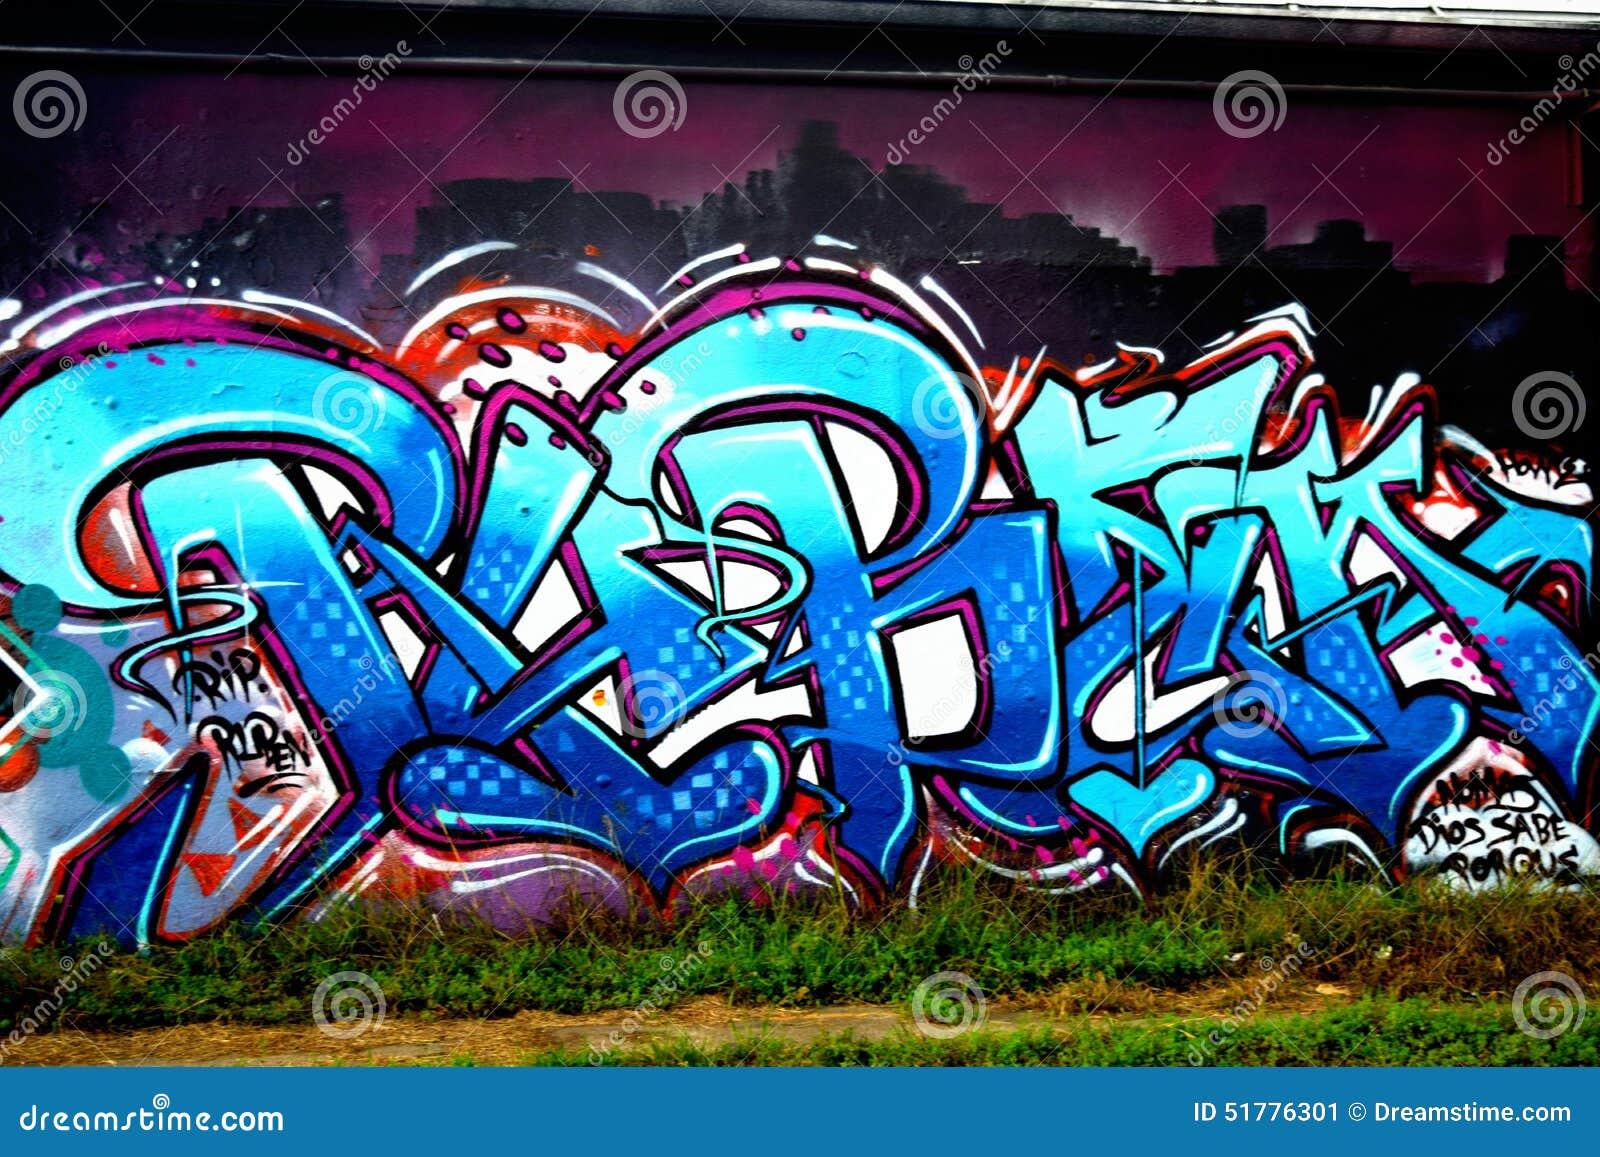 Graffiti wall dallas - Graffiti Wall Downtown Houston Tx 3 Stock Image